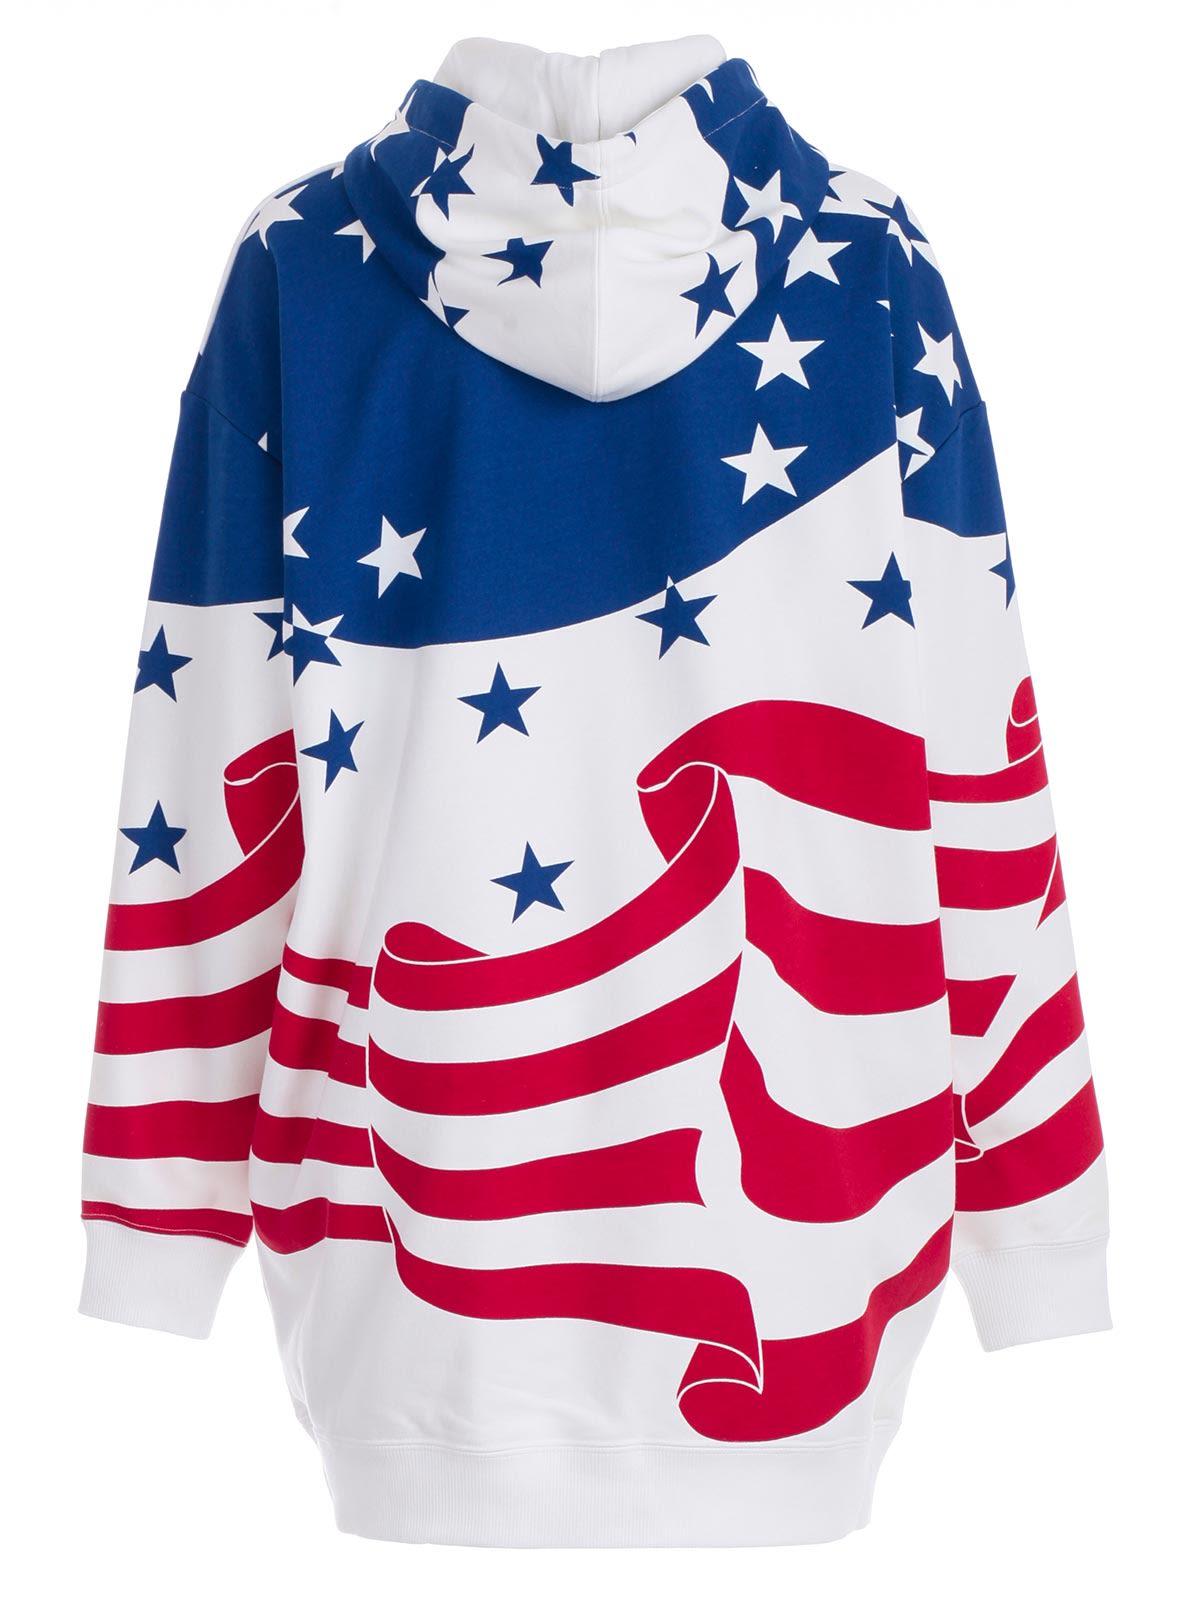 6426311a3b31 ... Calvin Klein Jeans Flag Print Hoodie Dress - Flag Aop Surf The Web ...